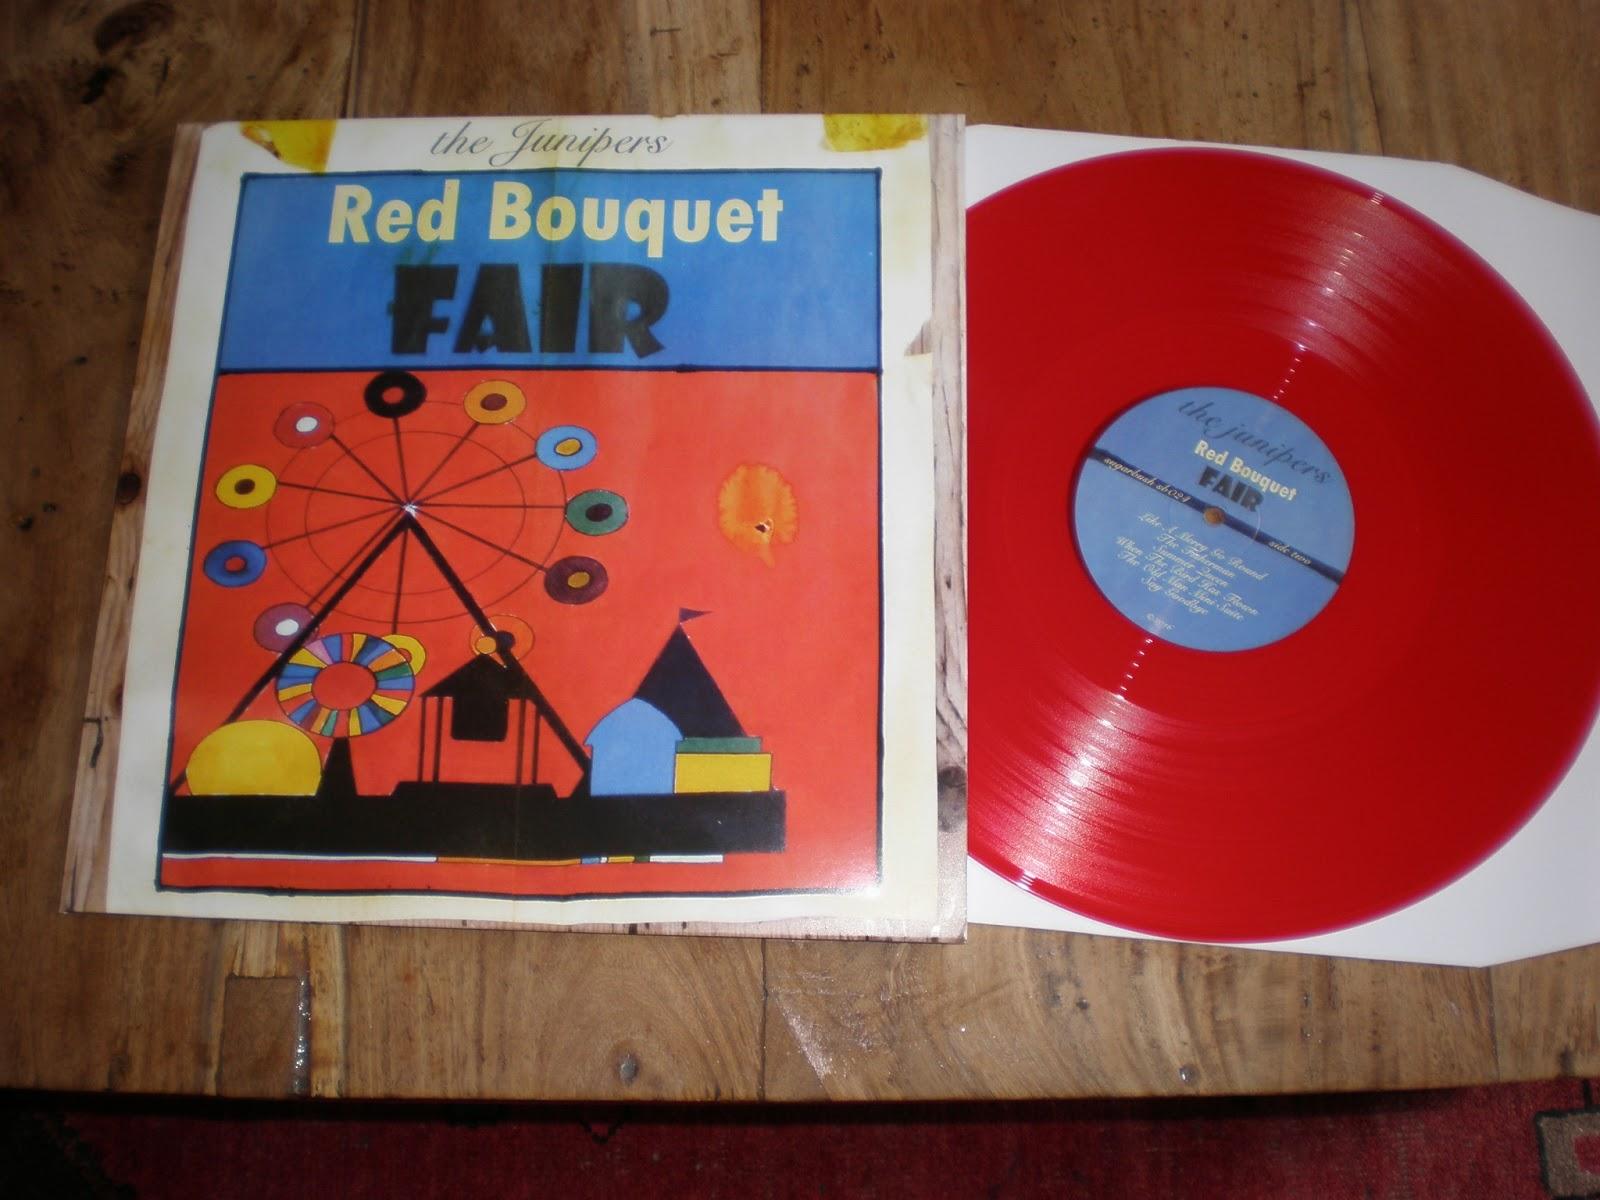 Resultado de imagen para the junipers red bouquet